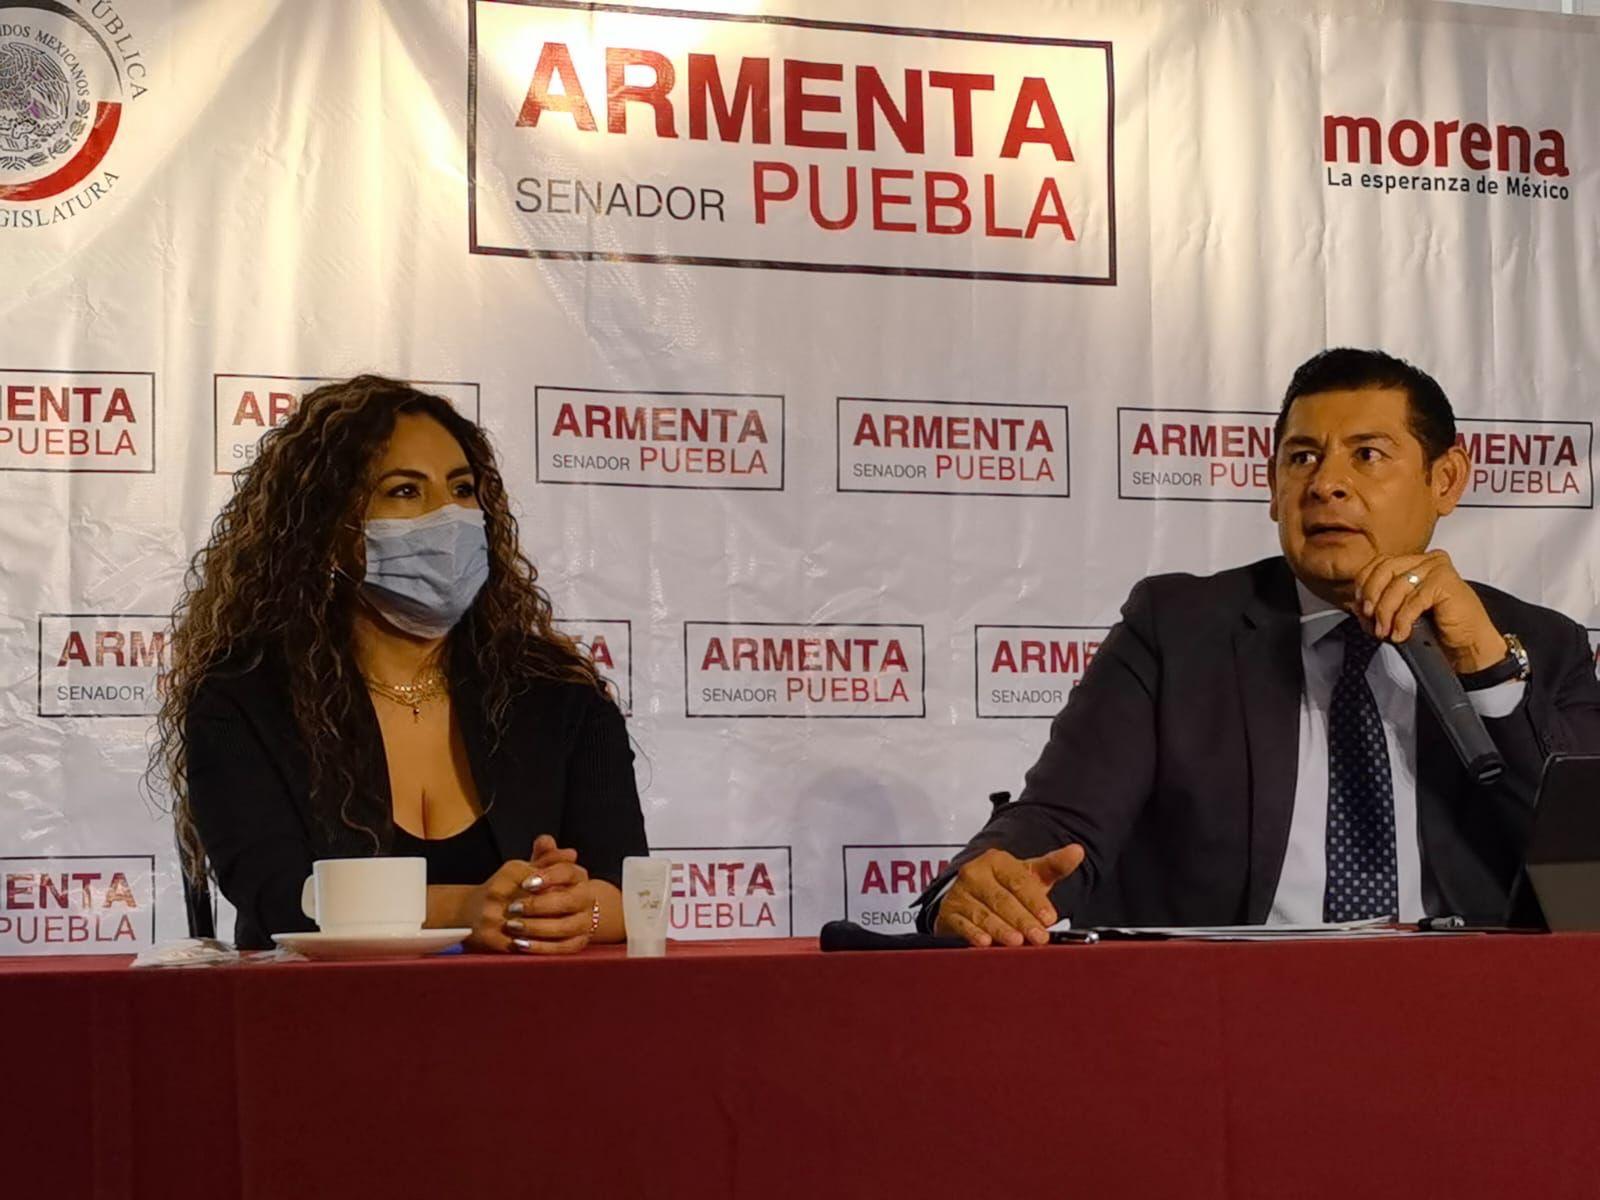 REVOCACIÓN DE MANDATO, ERRADICA PRÁCTICAS ABUSIVAS: ARMENTA